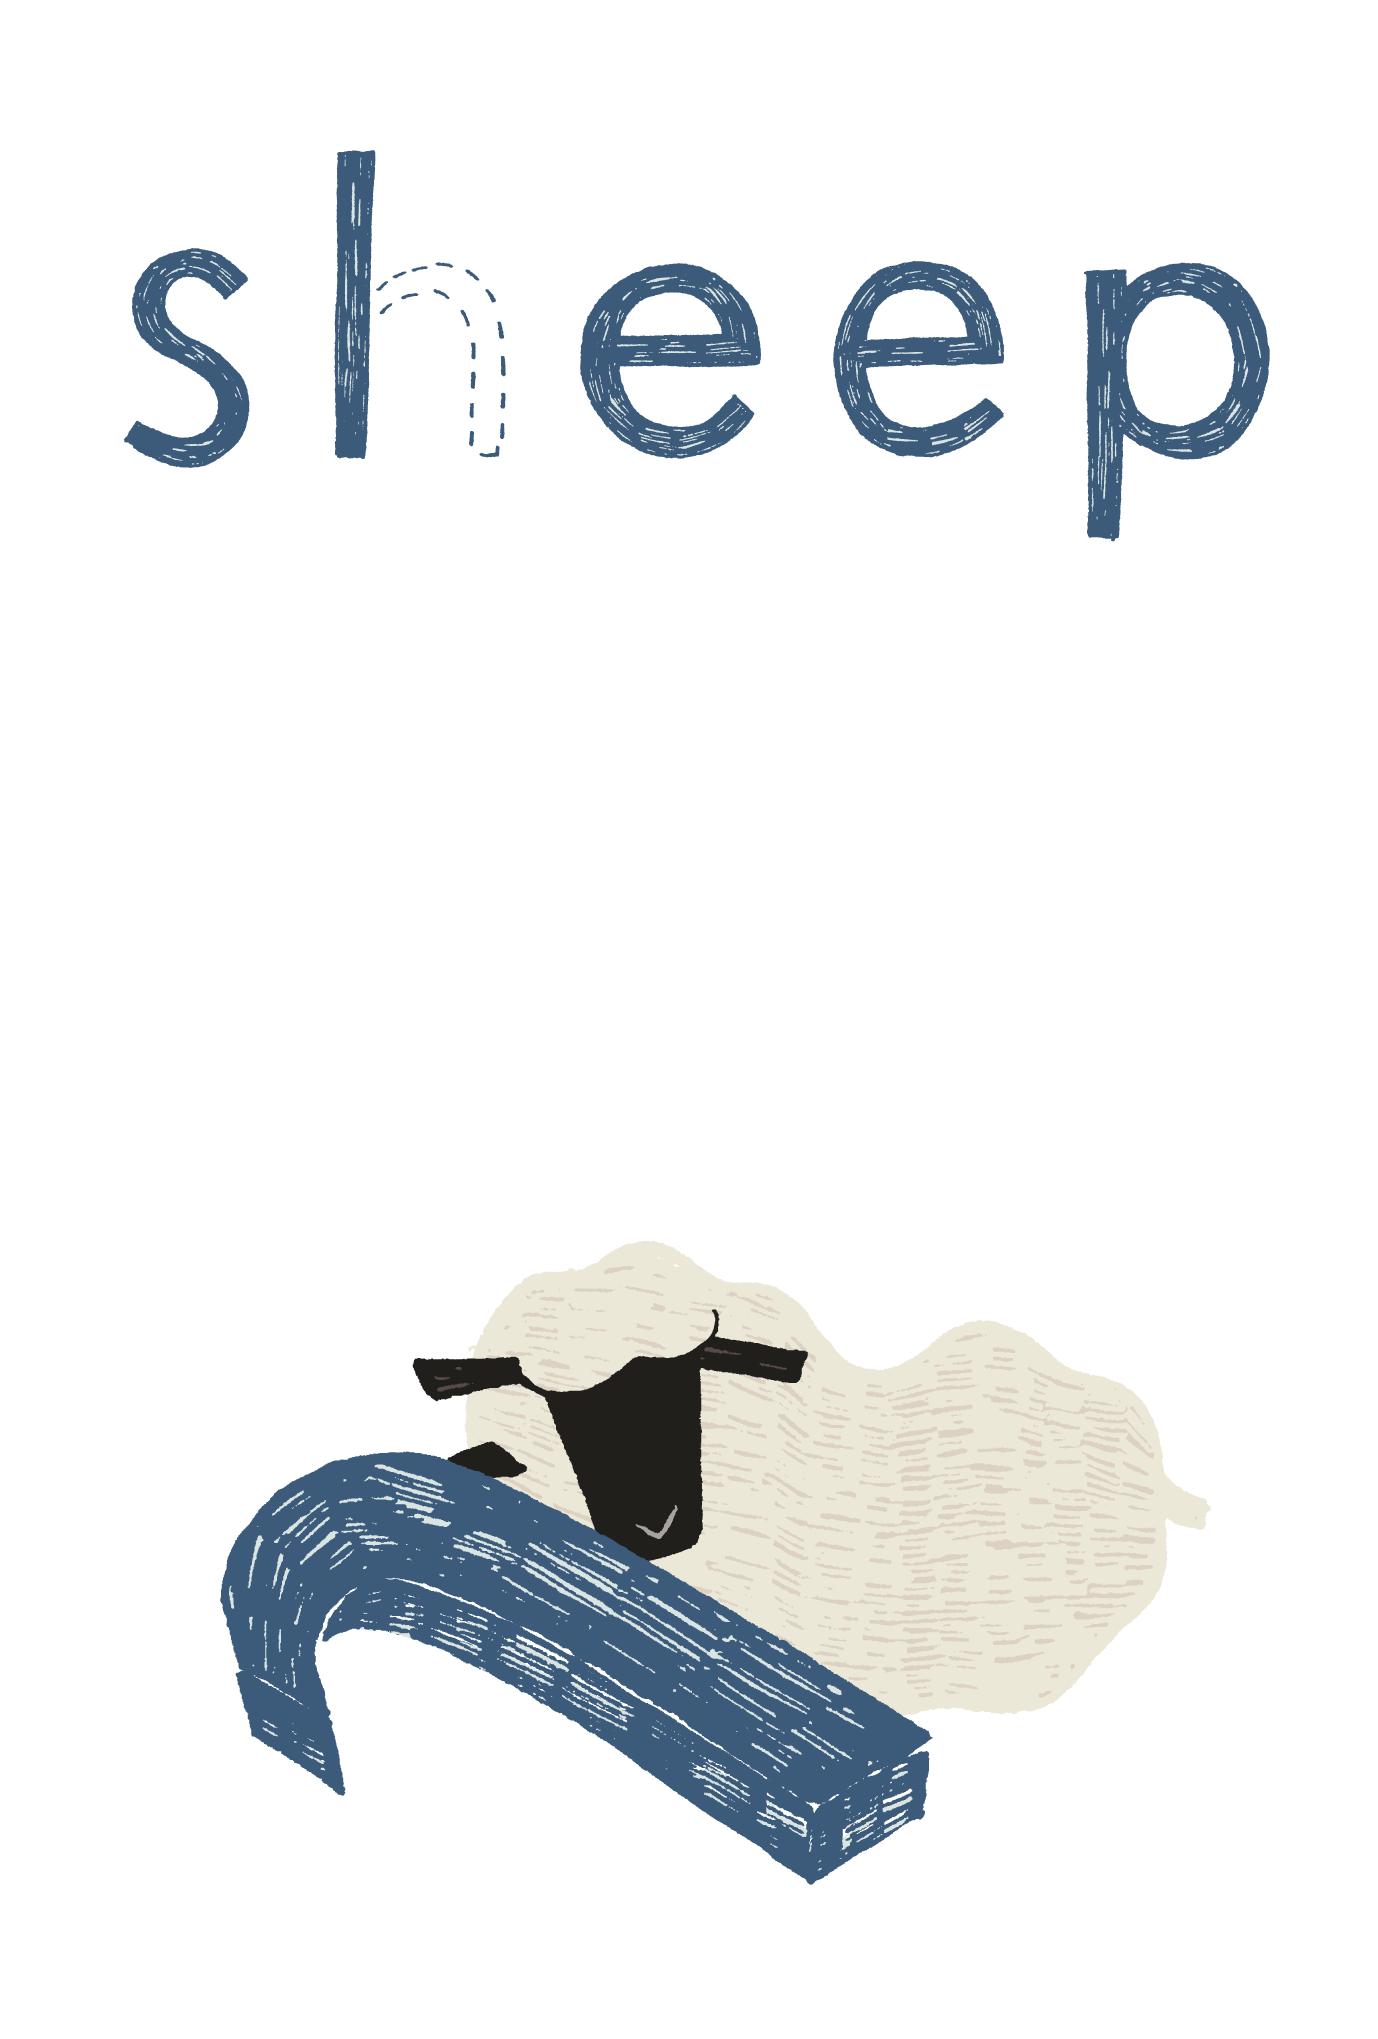 2015年賀状17-1:Sheep, Sleep / 縦 1のダウンロード画像